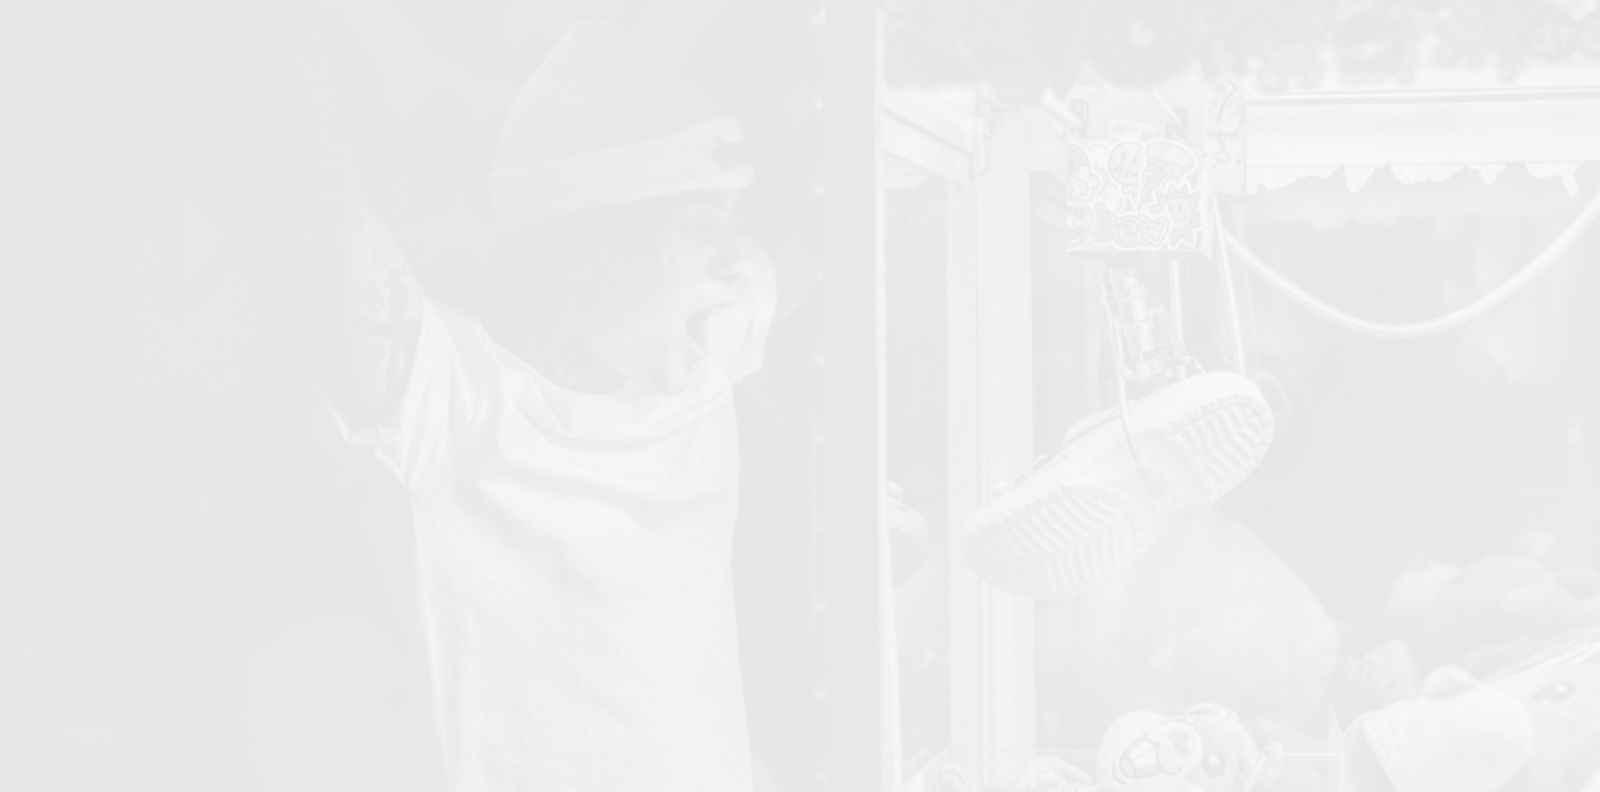 Джъстин Бийбър е най-слушаният изпълнител на всички времена